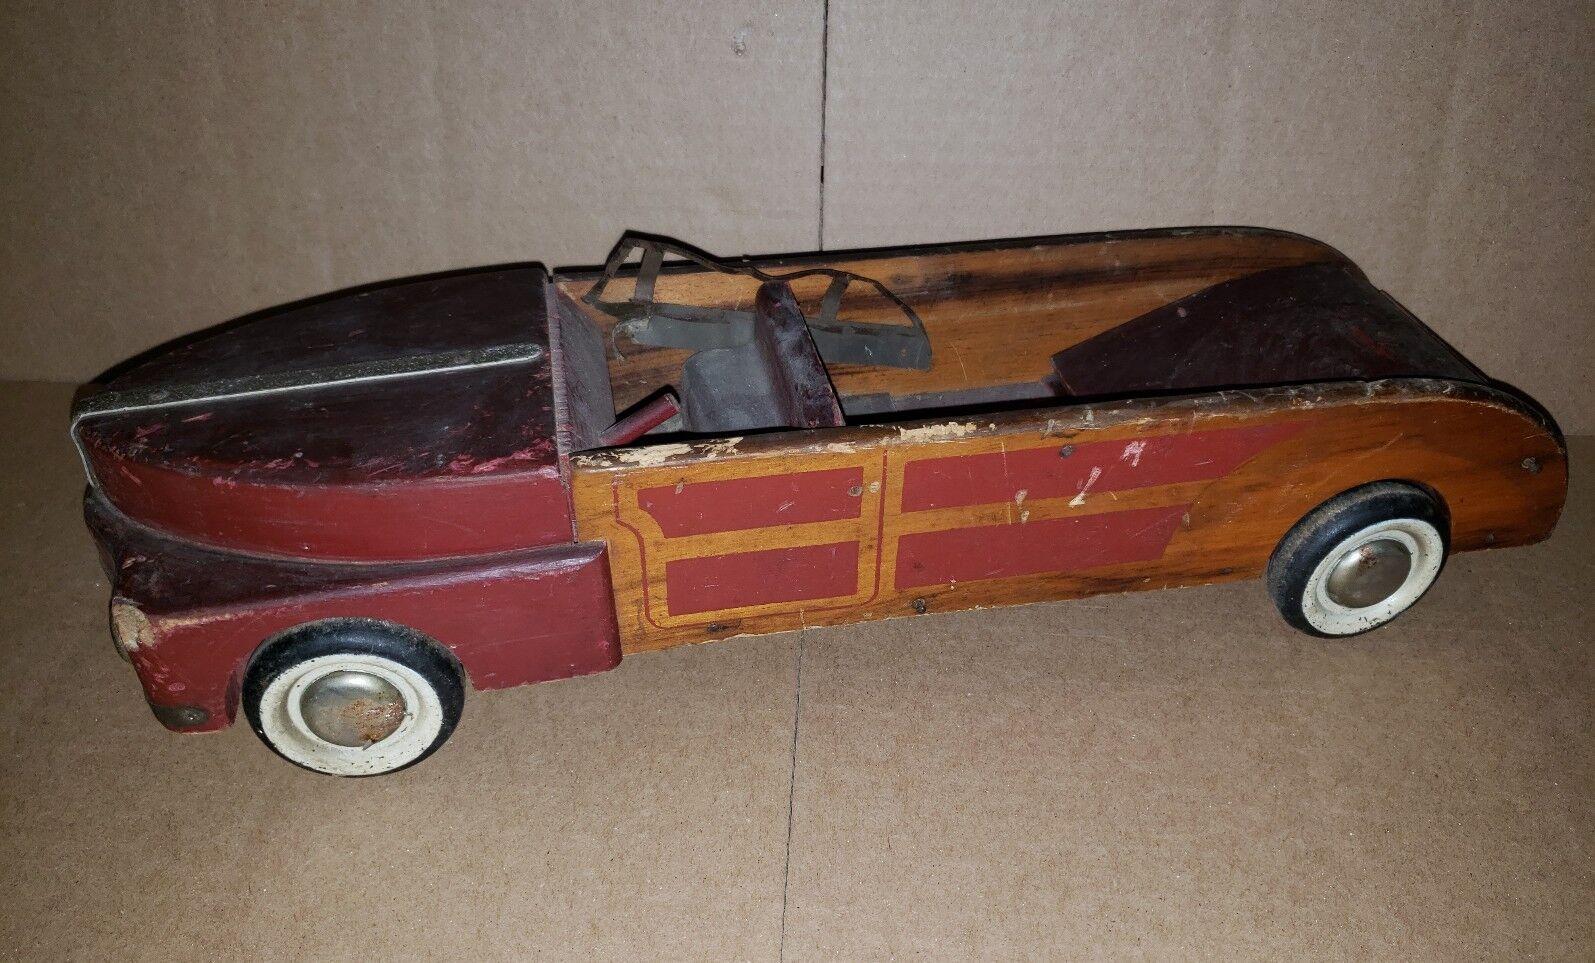 Zweiter weltkrieg - ära nestlö 40 kumpel l holz town & country cabrio auto hölzerne unvollständig